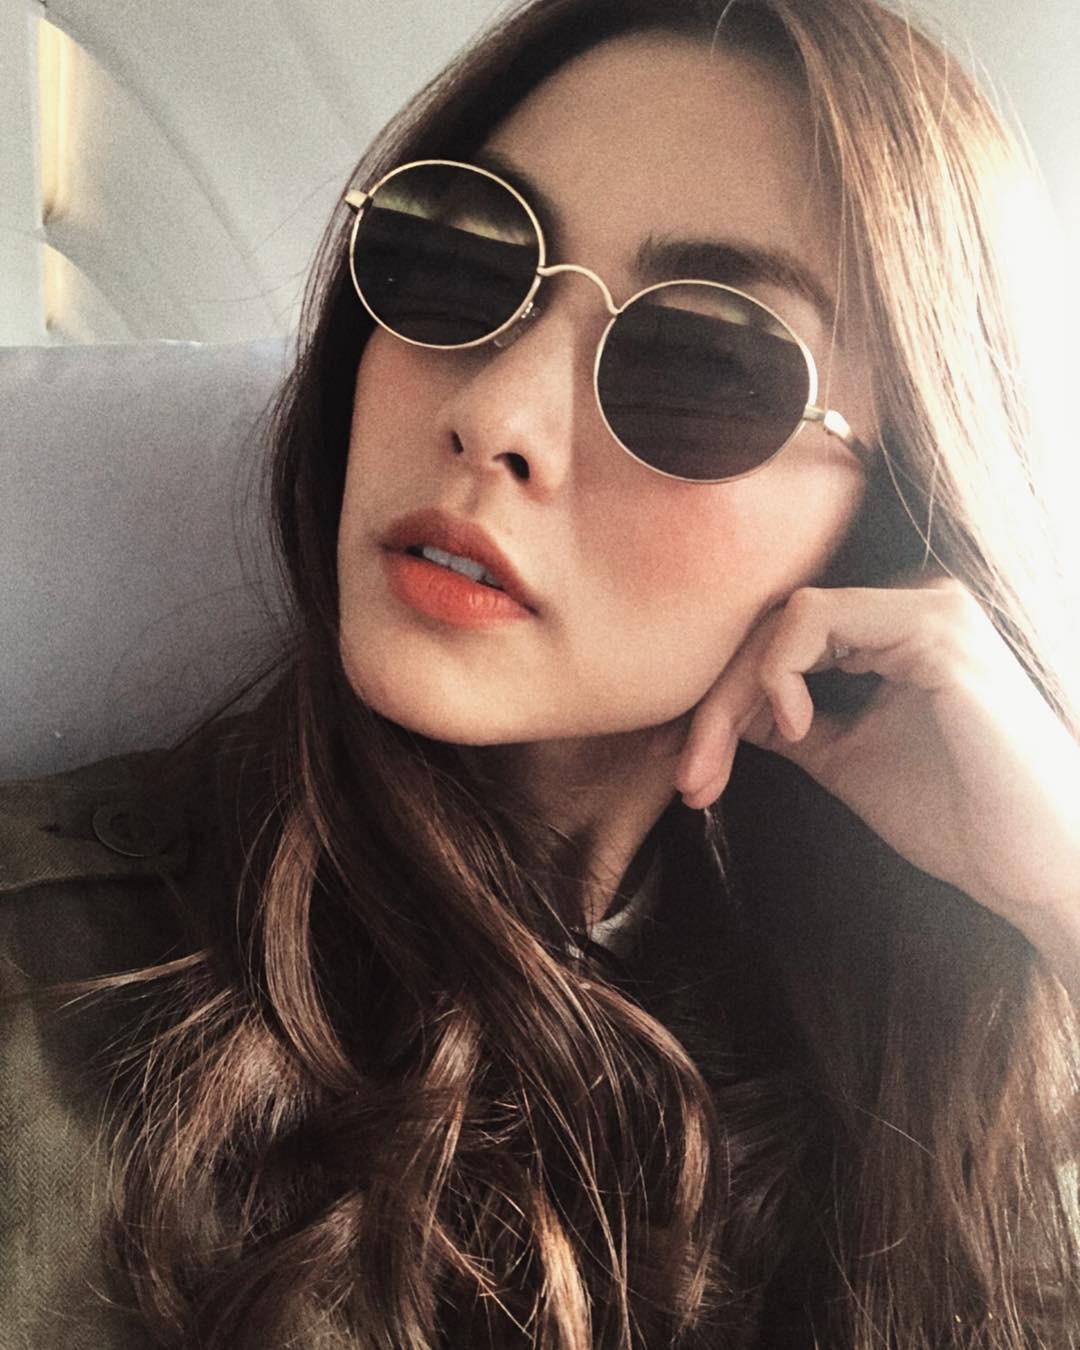 """Nhờ điểm trời cho này trên gương mặt, Hà Tăng dễ dàng chinh phục mọi mẫu kính mắt dù chúng kỳ cục"""" đến cỡ nào-4"""